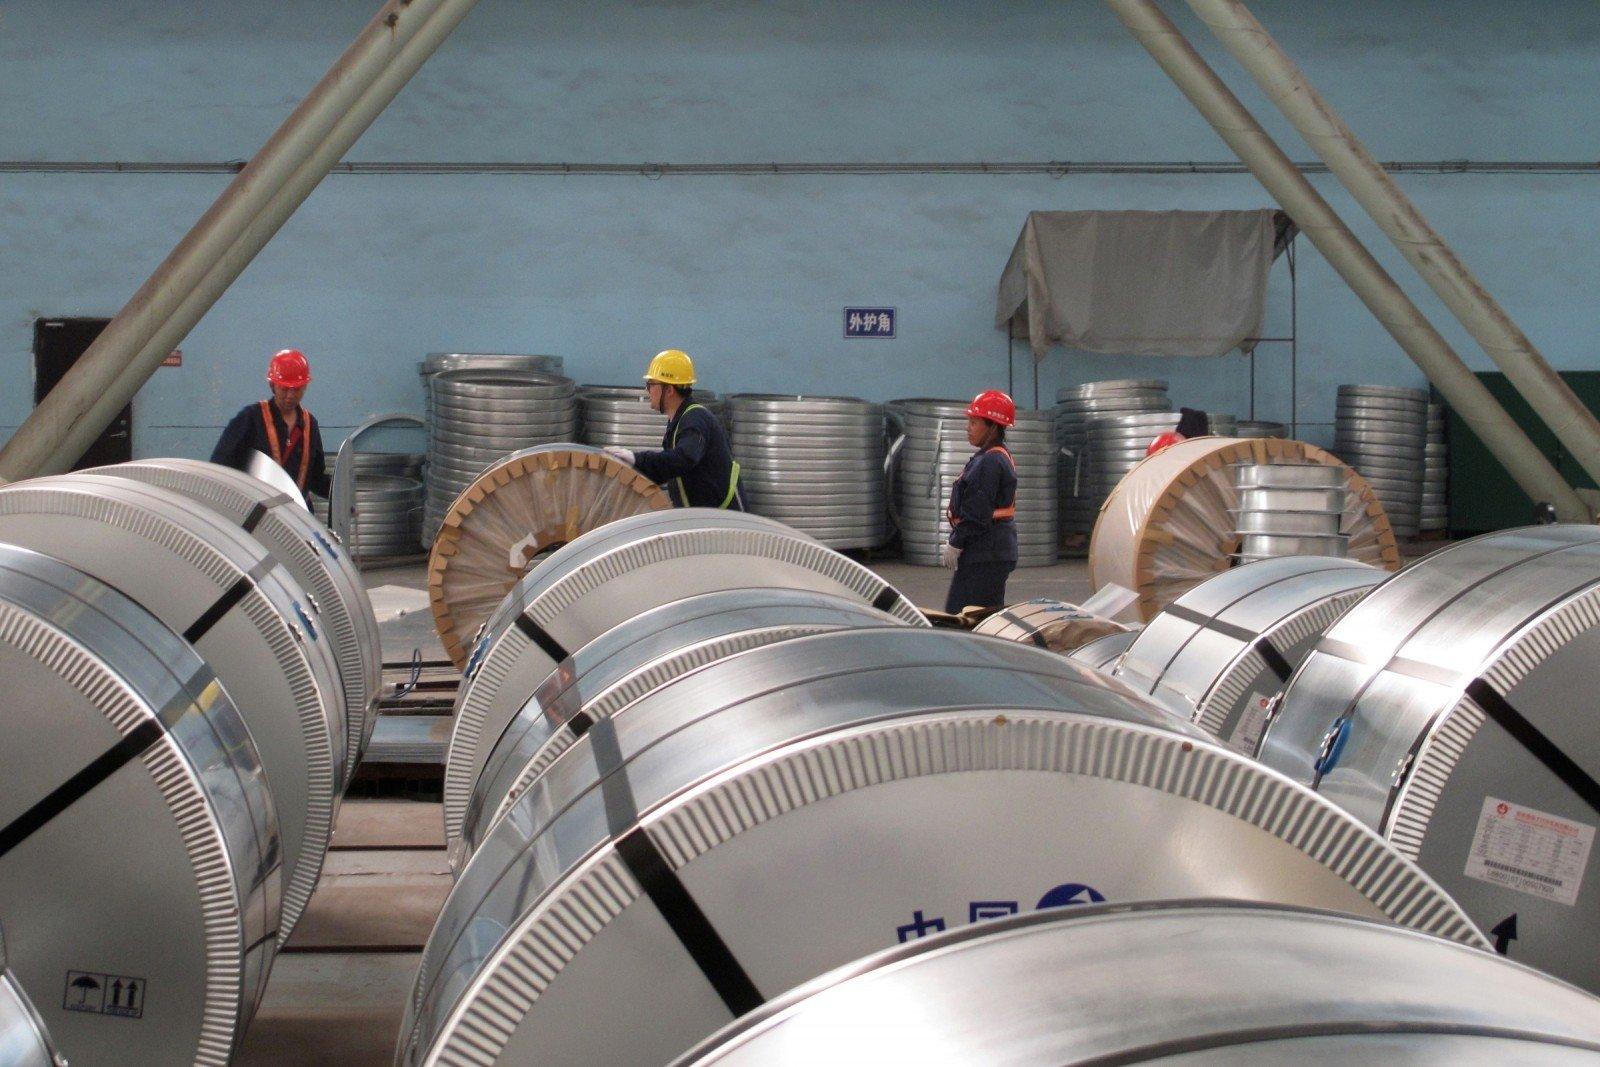 Branduolinio kuro saugykloje IAE – pirmas konteineris su pažeistu kuru